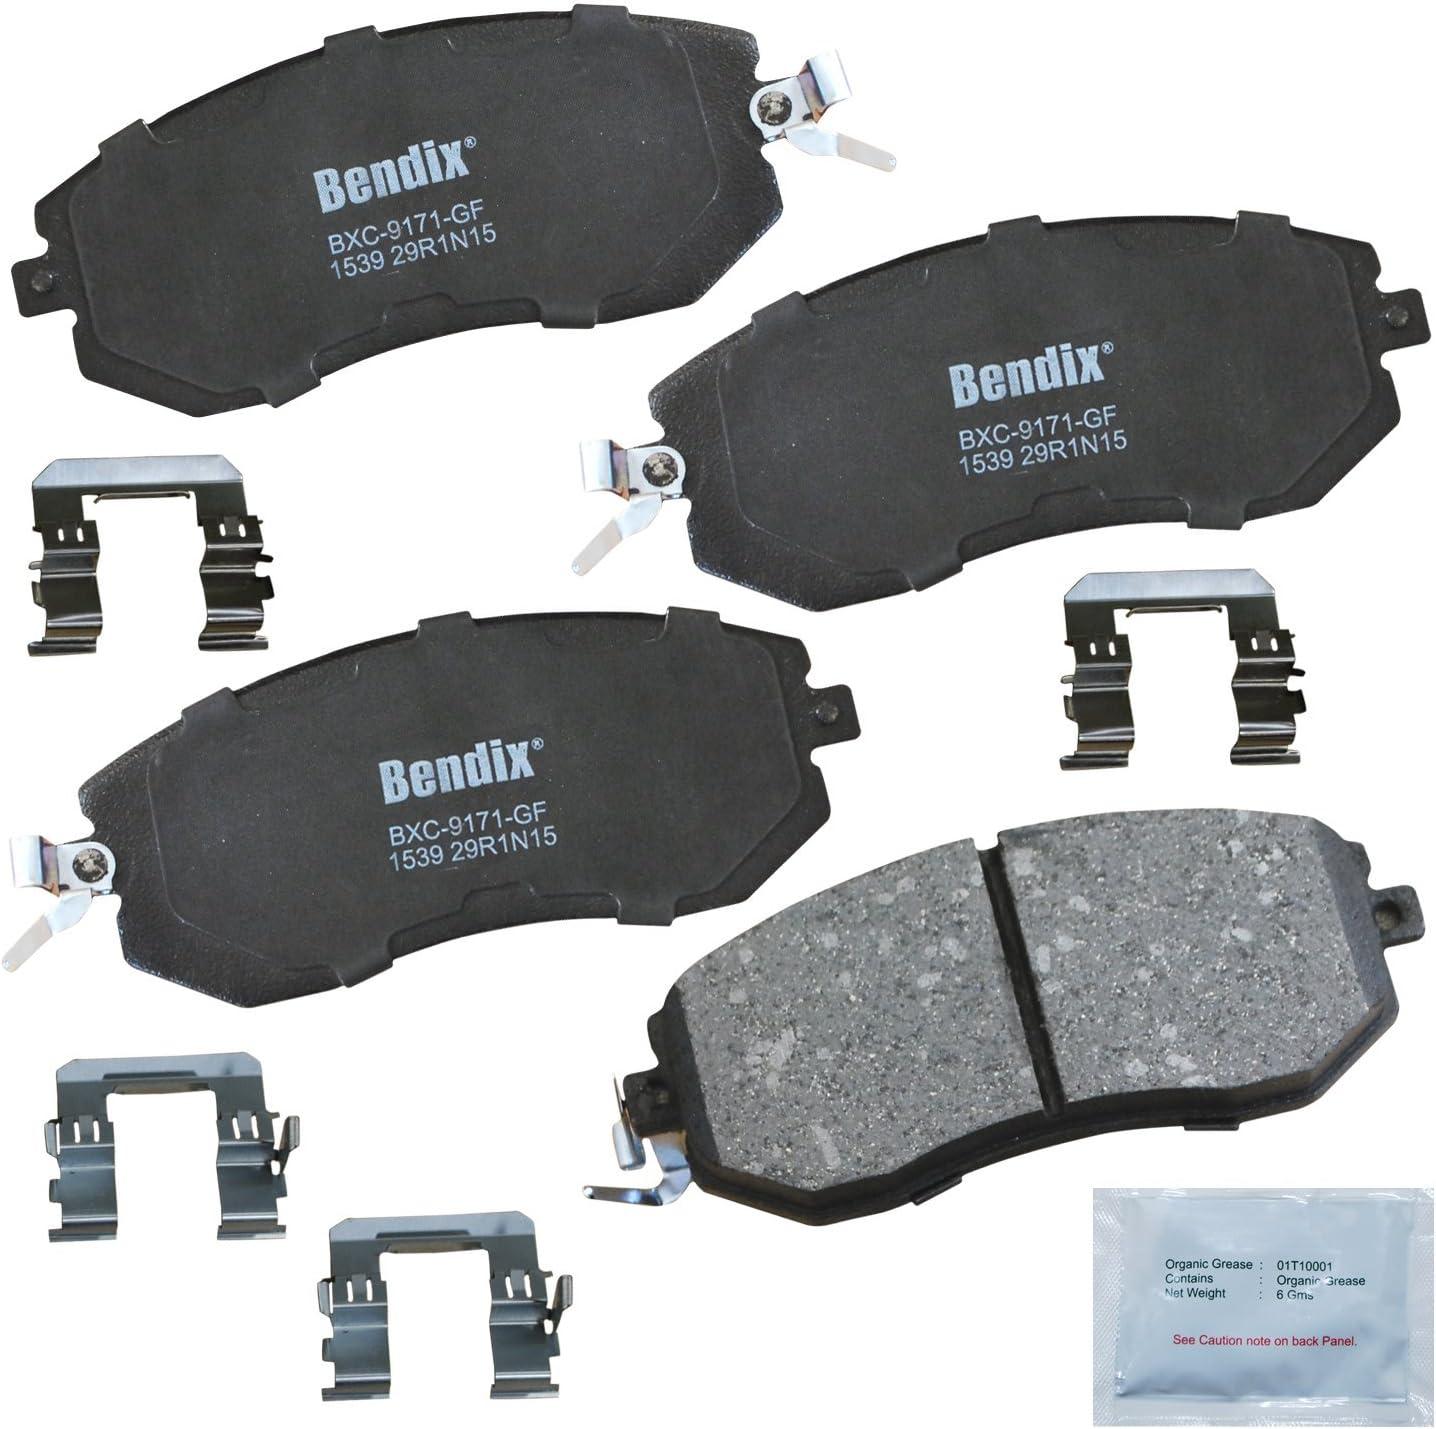 Dallas Mall Bendix Premium Copper Free gift CFC1539 with Insta Brake Ceramic Pad